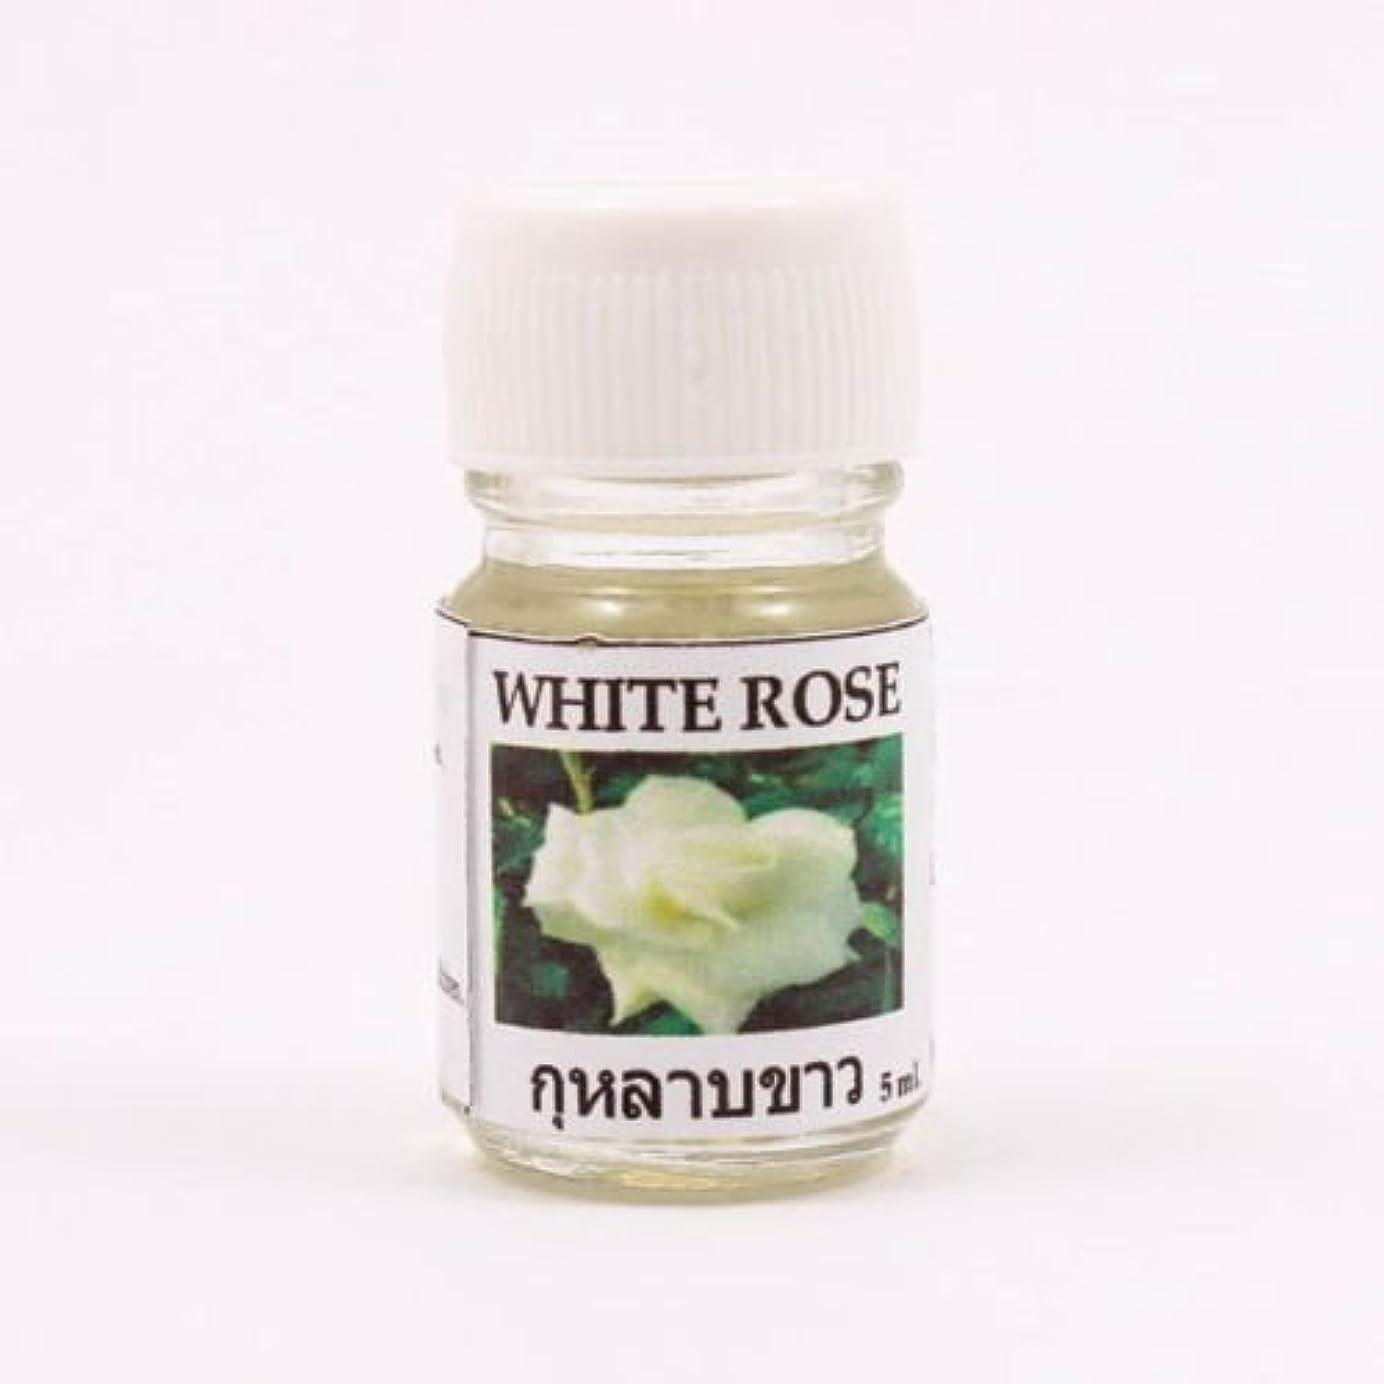 浸漬理容室違う6X White Rose Aroma Fragrance Essential Oil 5ML. Diffuser Burner Therapy